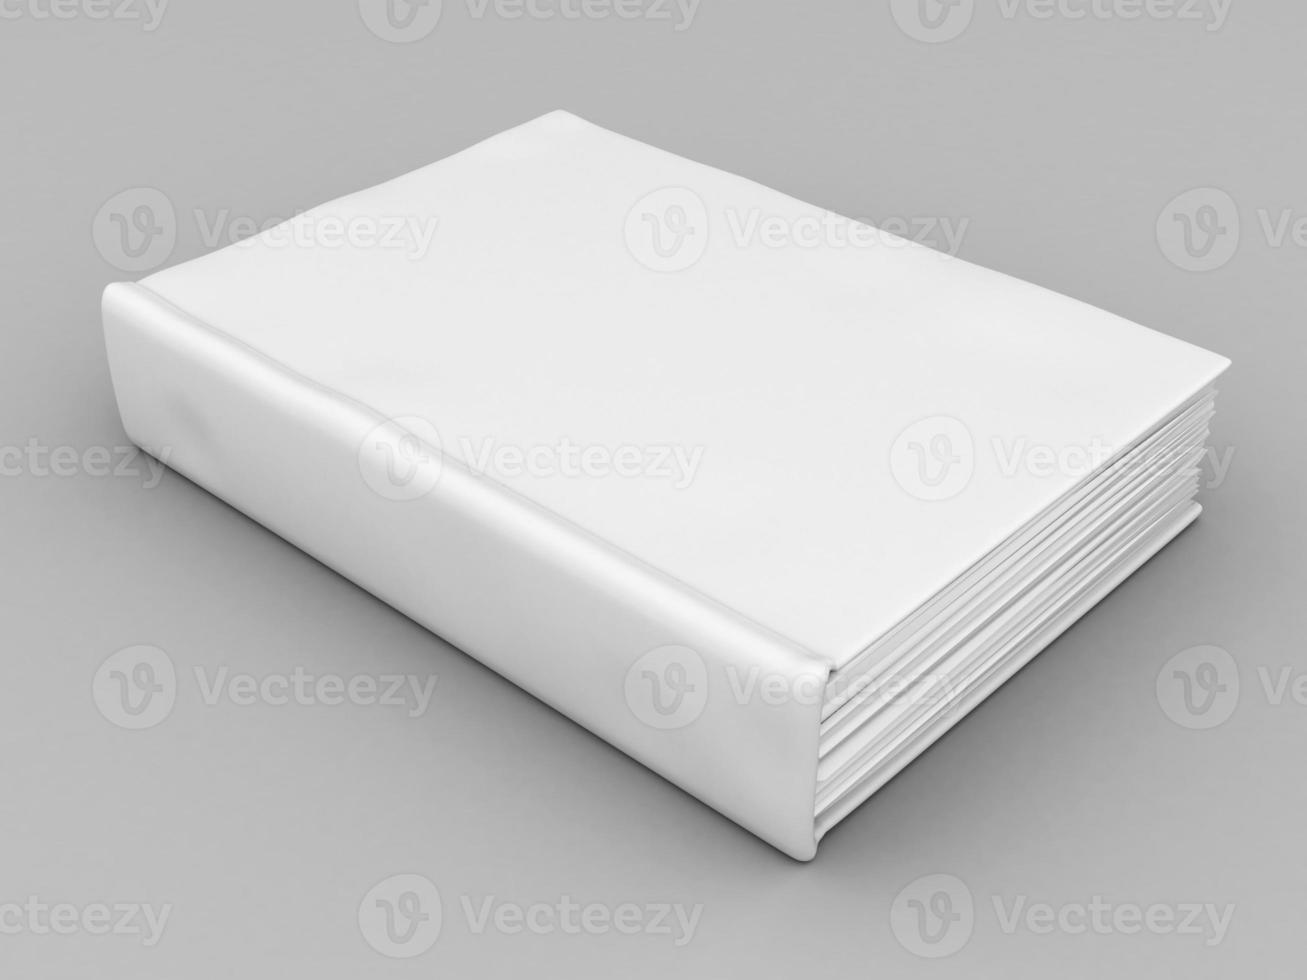 Buchbindungen und Literatur foto